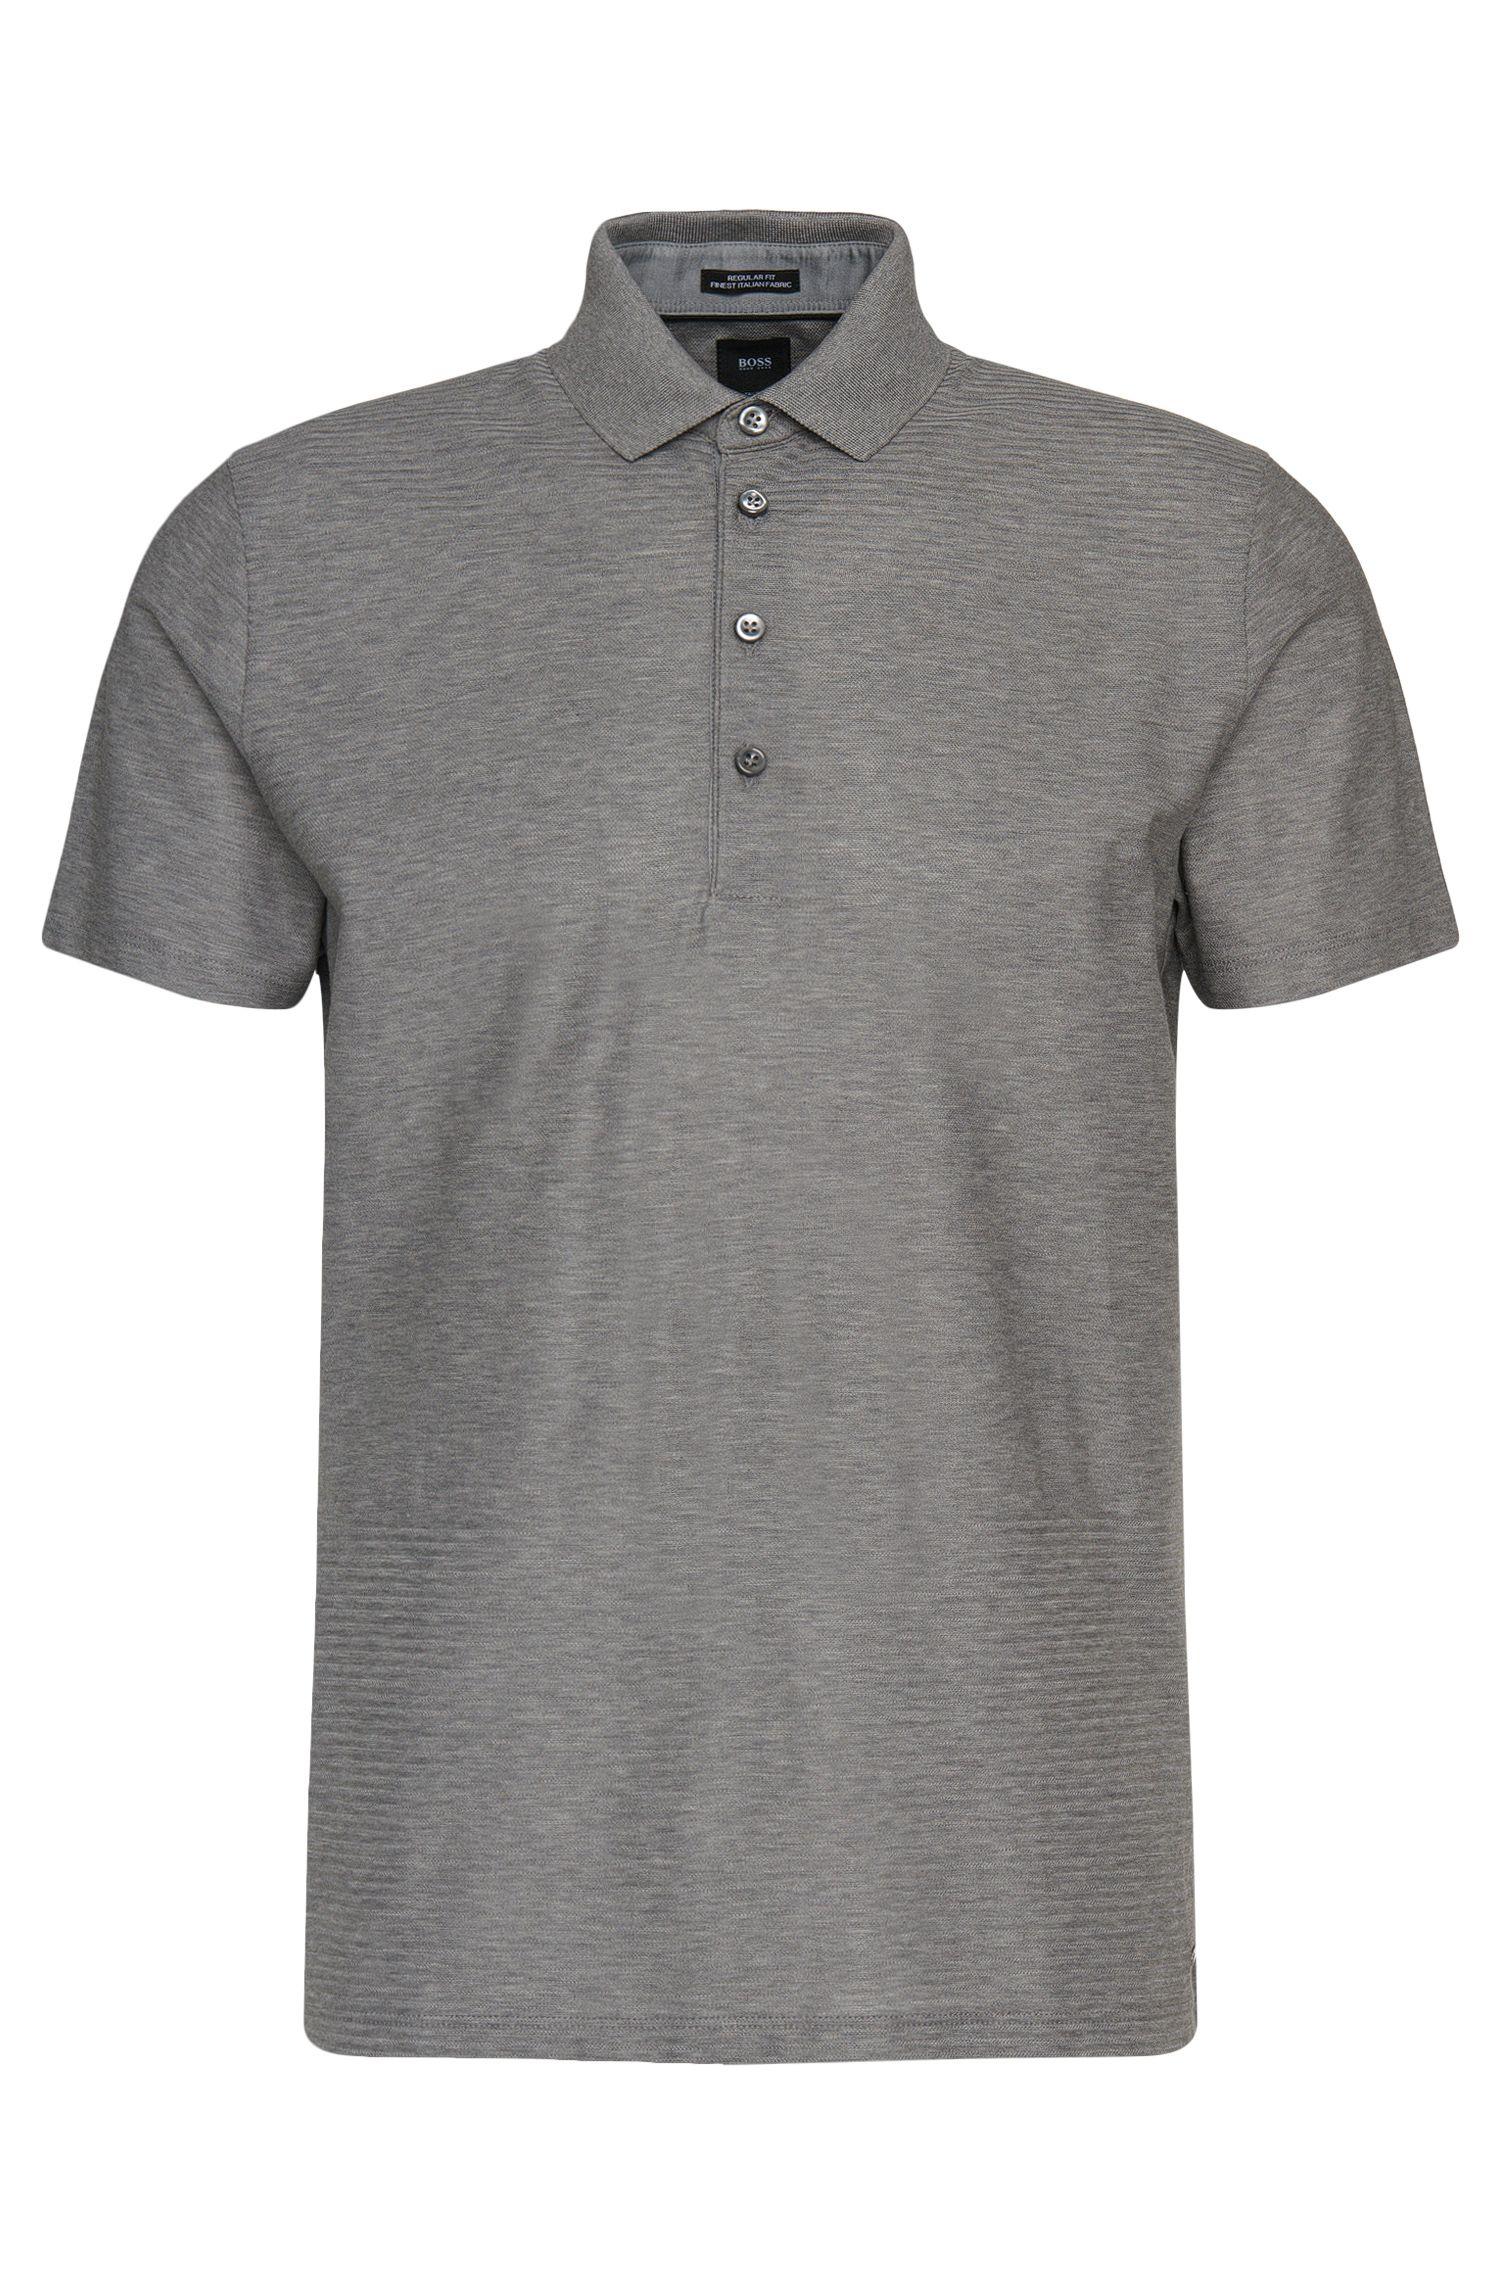 Regular-Fit Tailored Poloshirt aus Baumwolle mit grafischem Struktur-Muster: 'T-Perry 10'